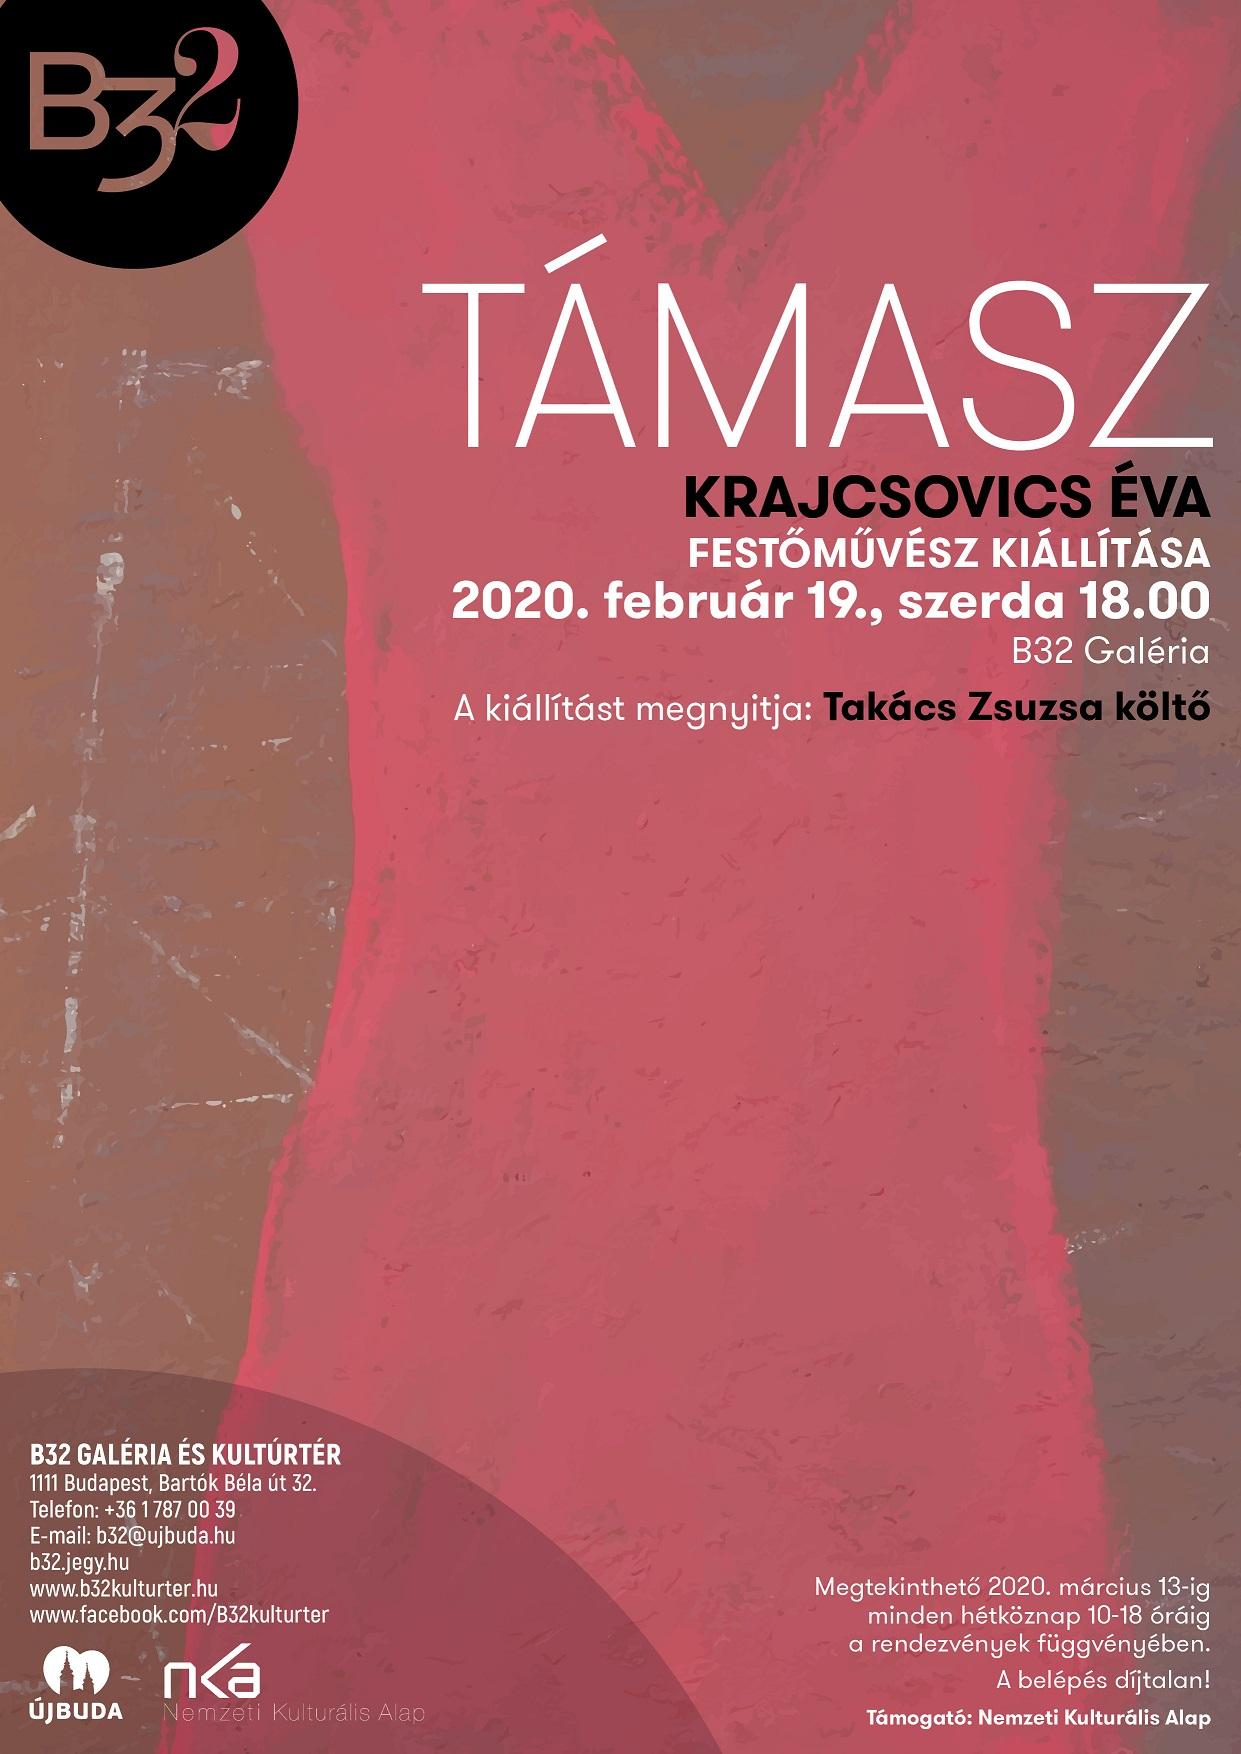 B32 Galéria Krajcsovics Éva kiállítása 2020.02.19 meghívó